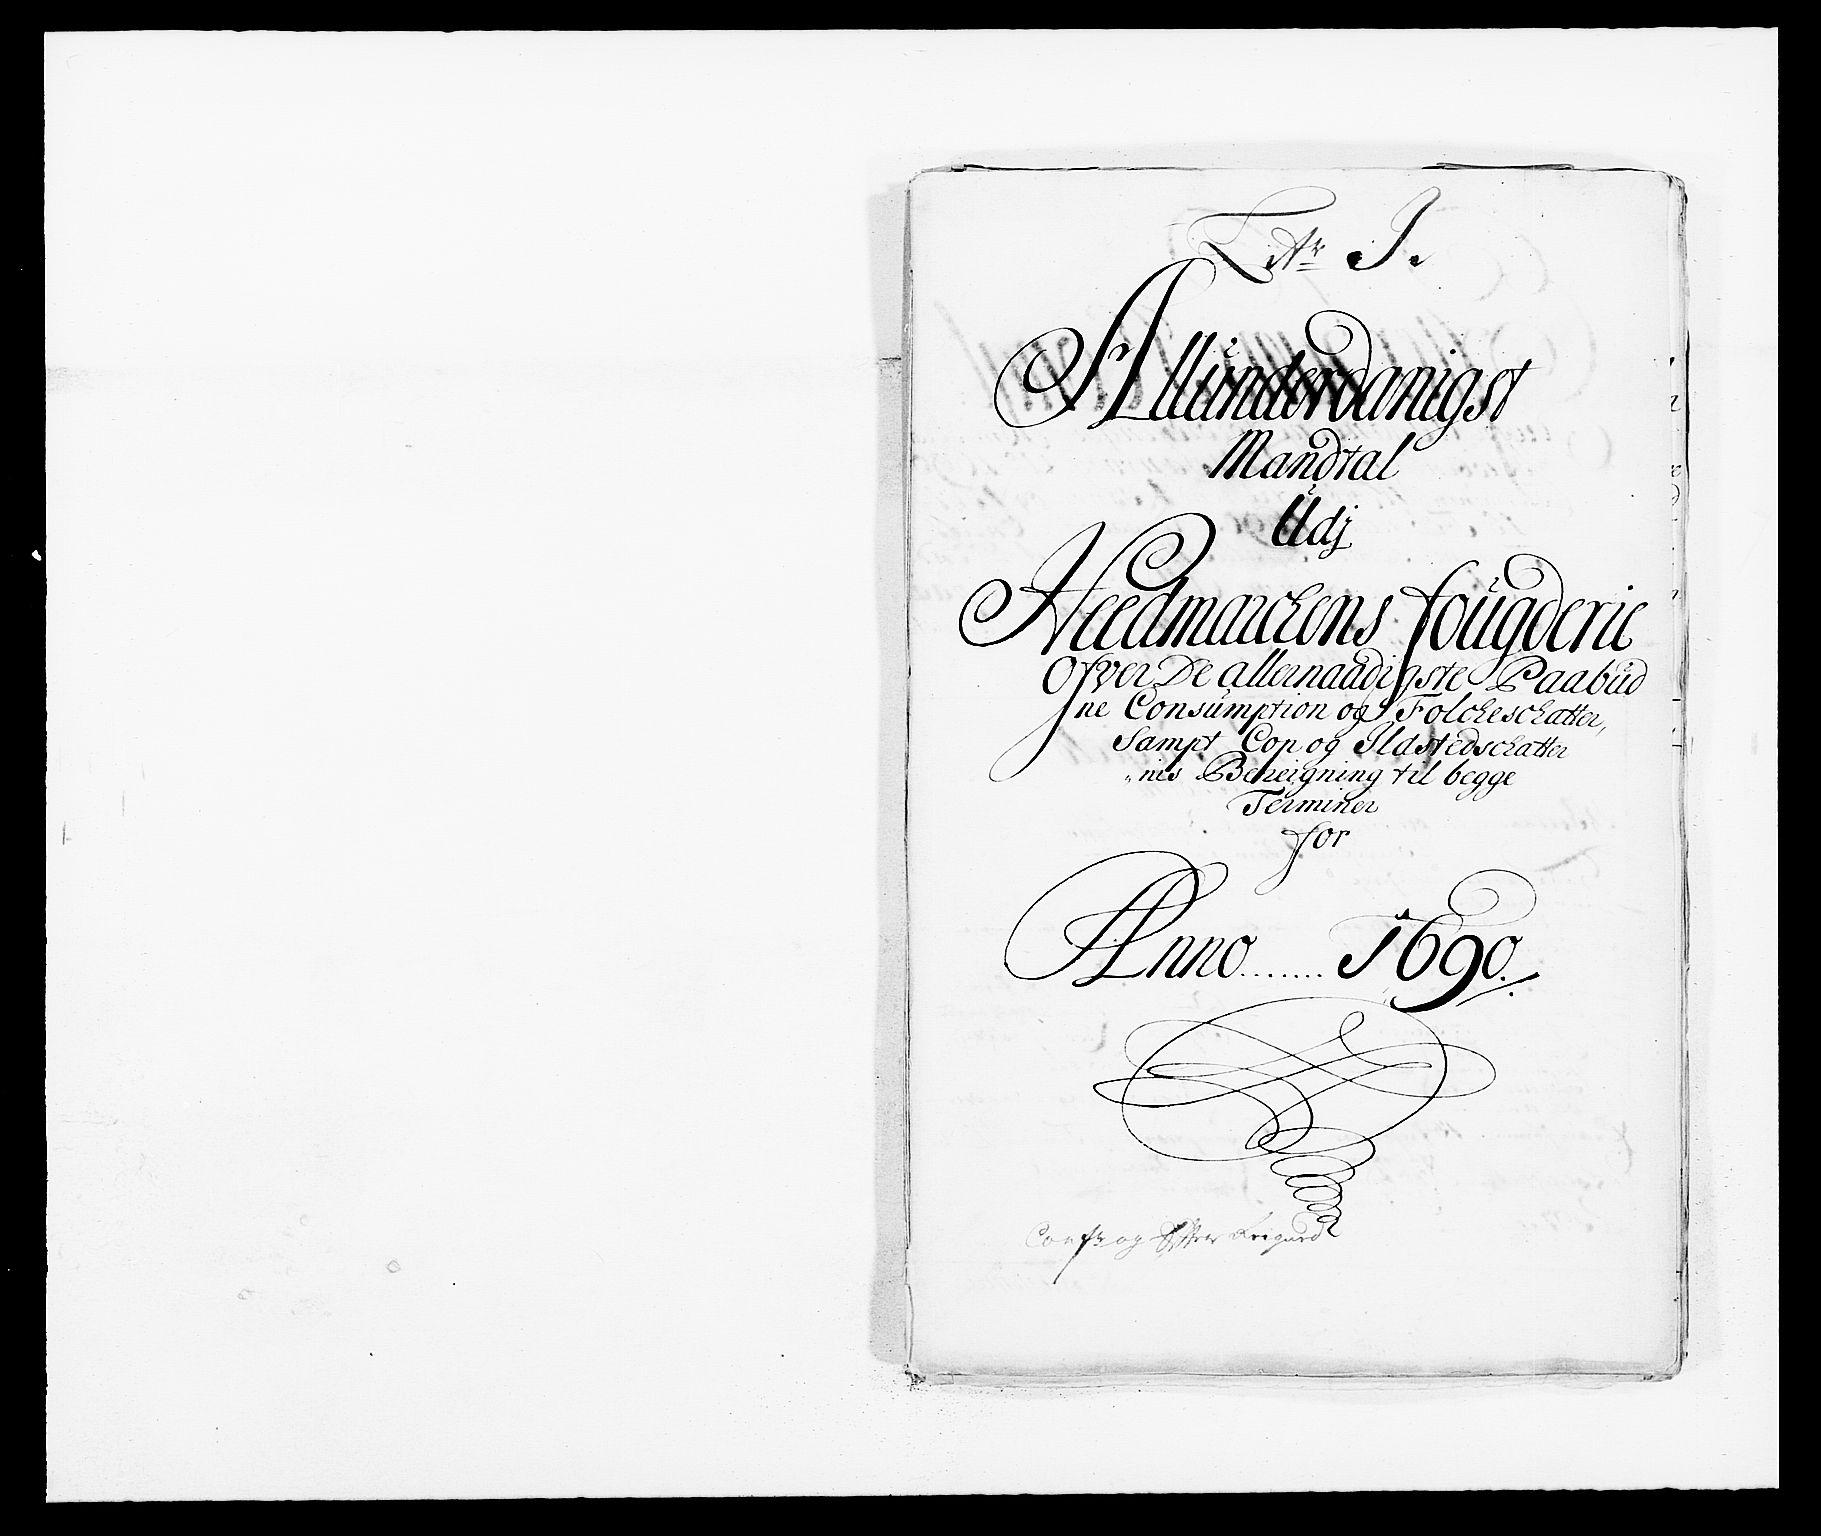 RA, Rentekammeret inntil 1814, Reviderte regnskaper, Fogderegnskap, R16/L1030: Fogderegnskap Hedmark, 1689-1691, s. 250